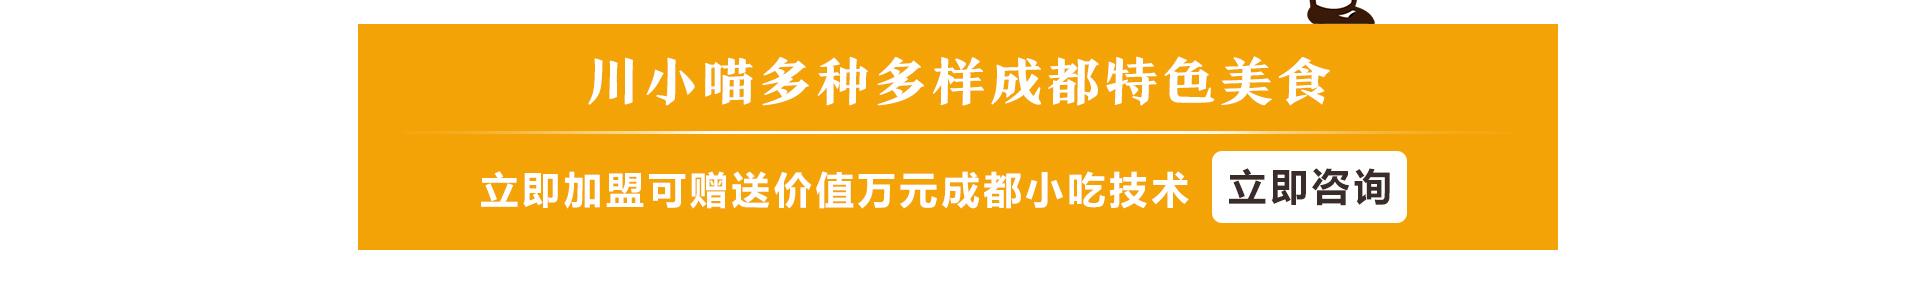 川小喵酸菜鱼cxm_09